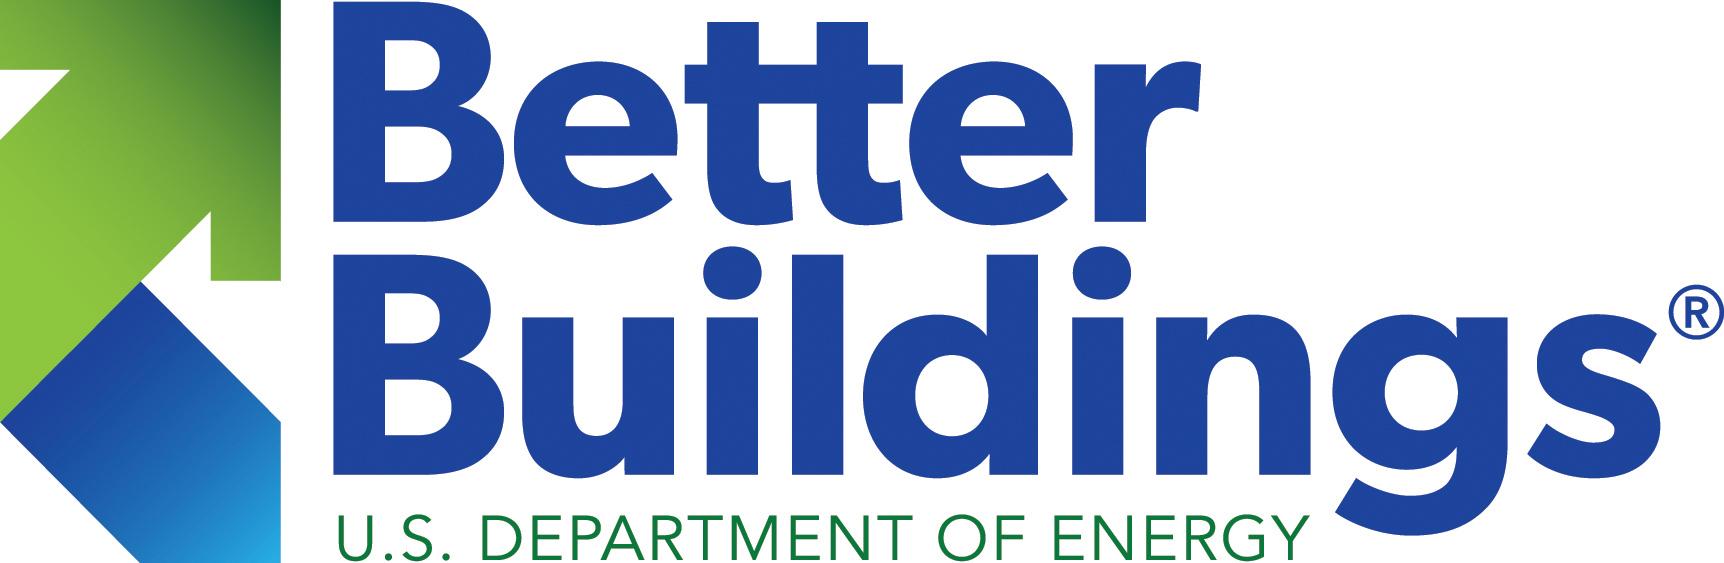 120727_Better_Buildings_Master_Mark_Registered_0_0_0.jpg